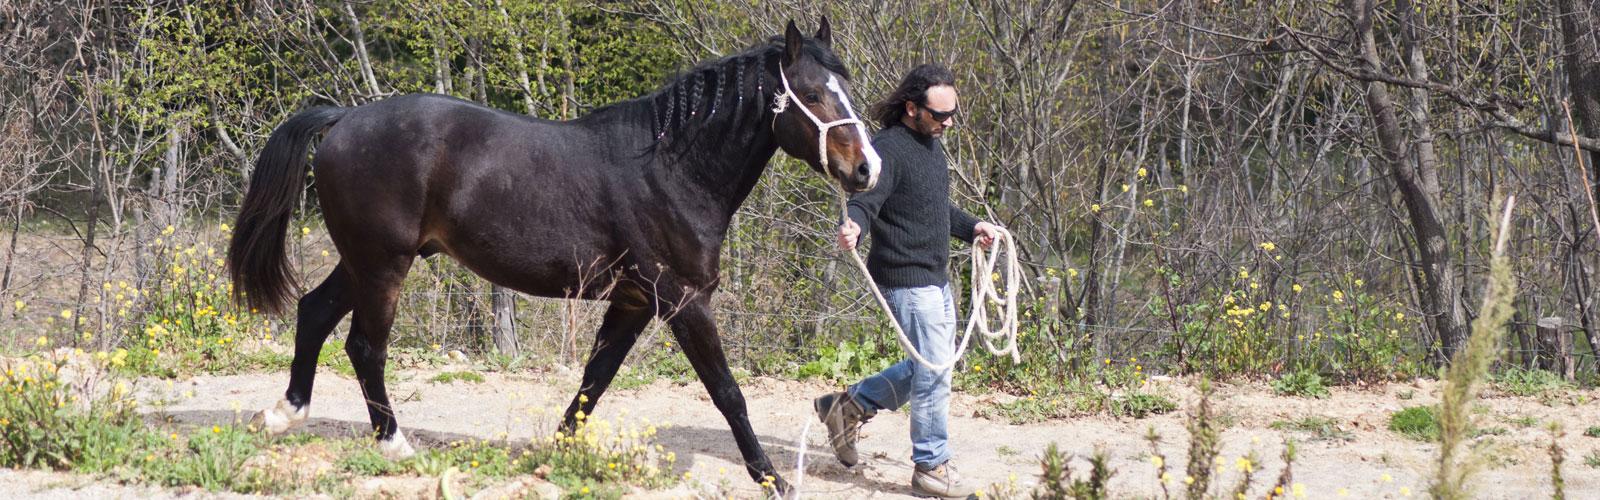 allevamenti cavalli maremmani in provincia di Grosseto